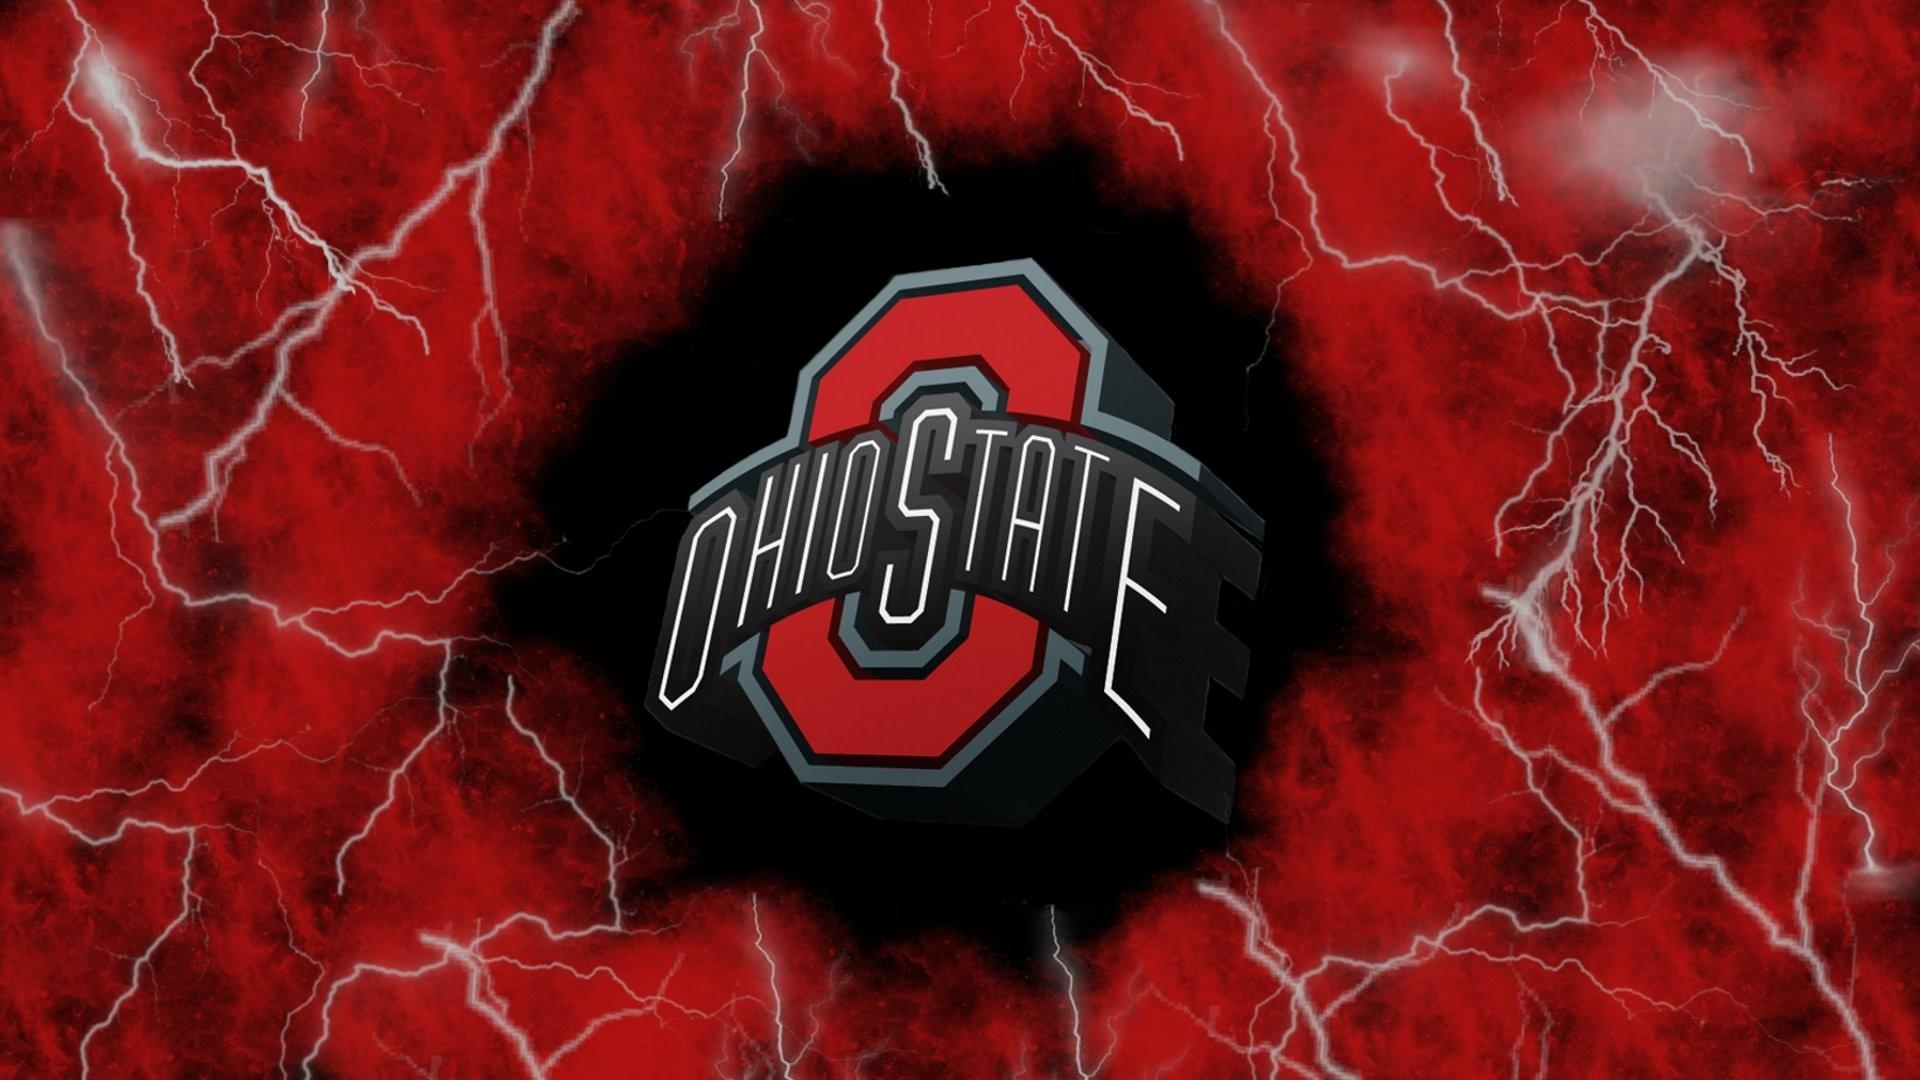 Ohio State PC Wallpaper